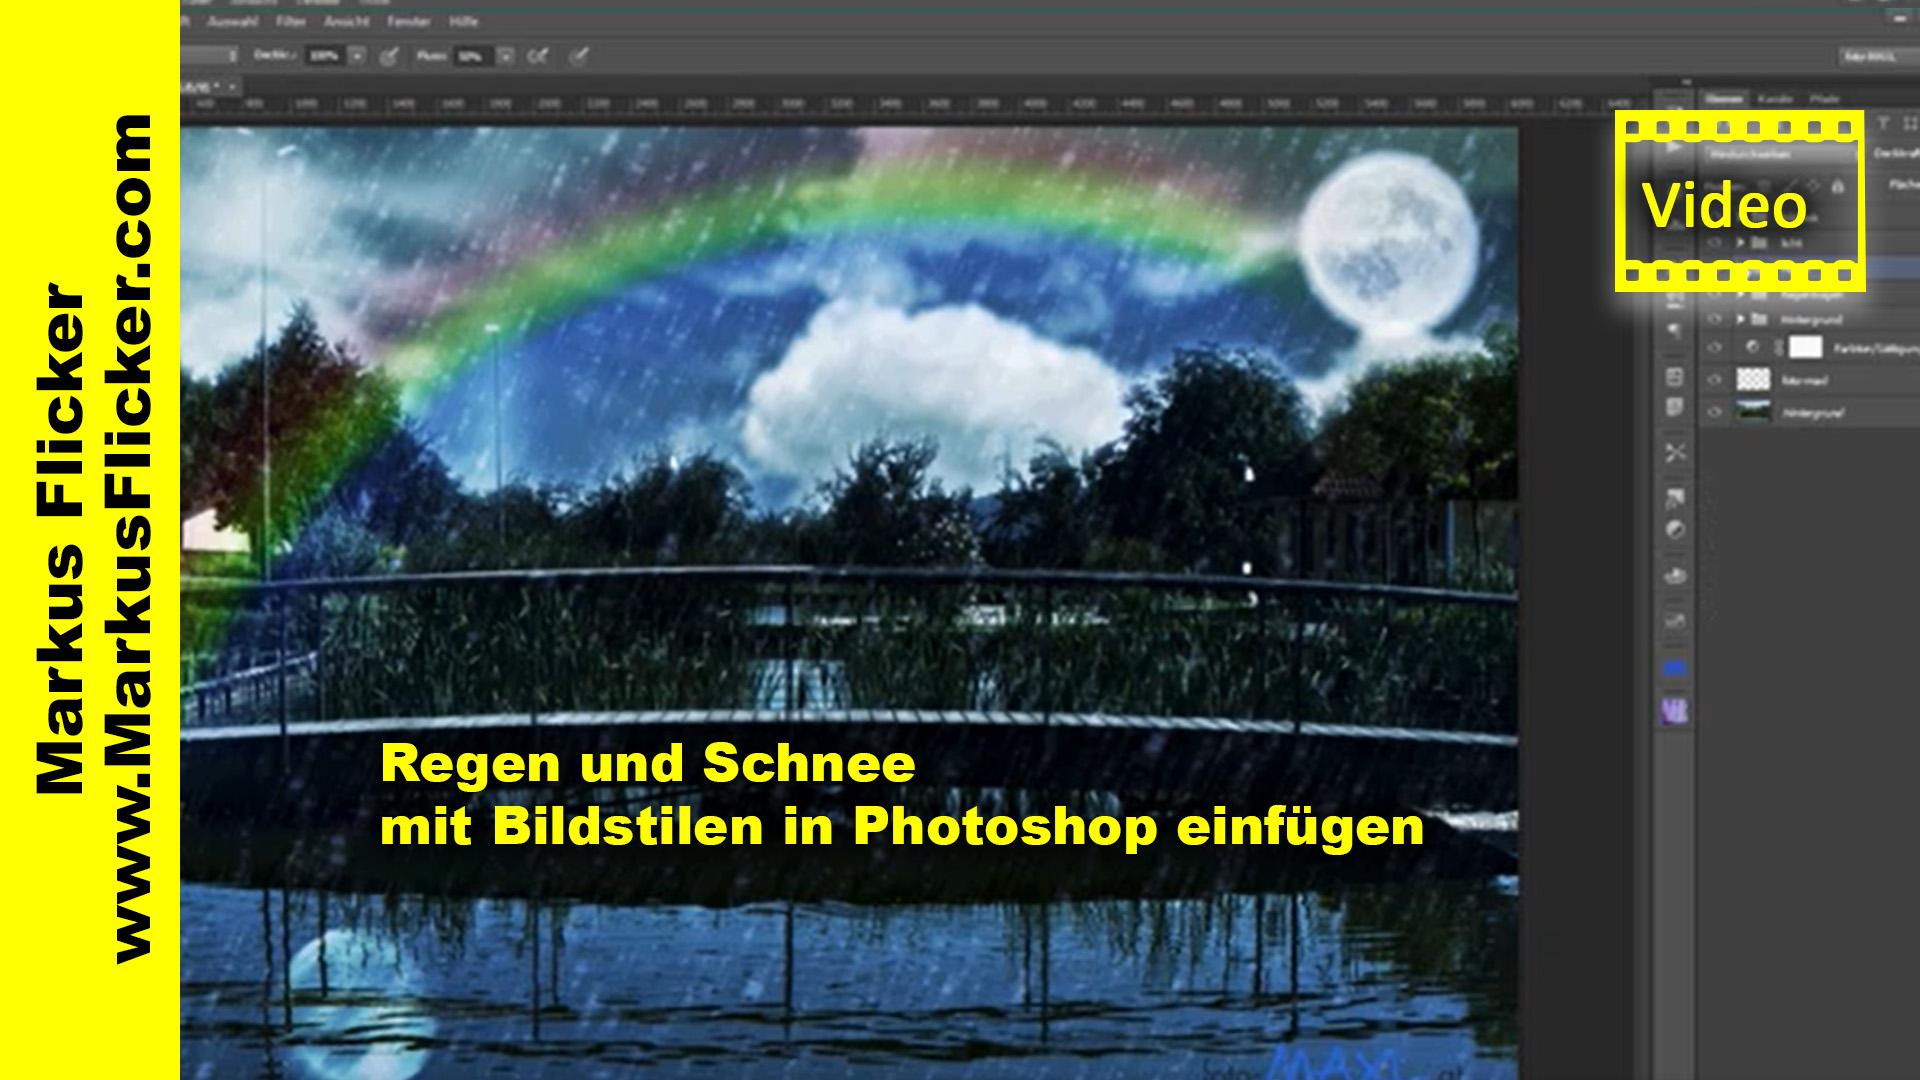 Regen und Schnee mit Bildstilen in Photoshop einfügen